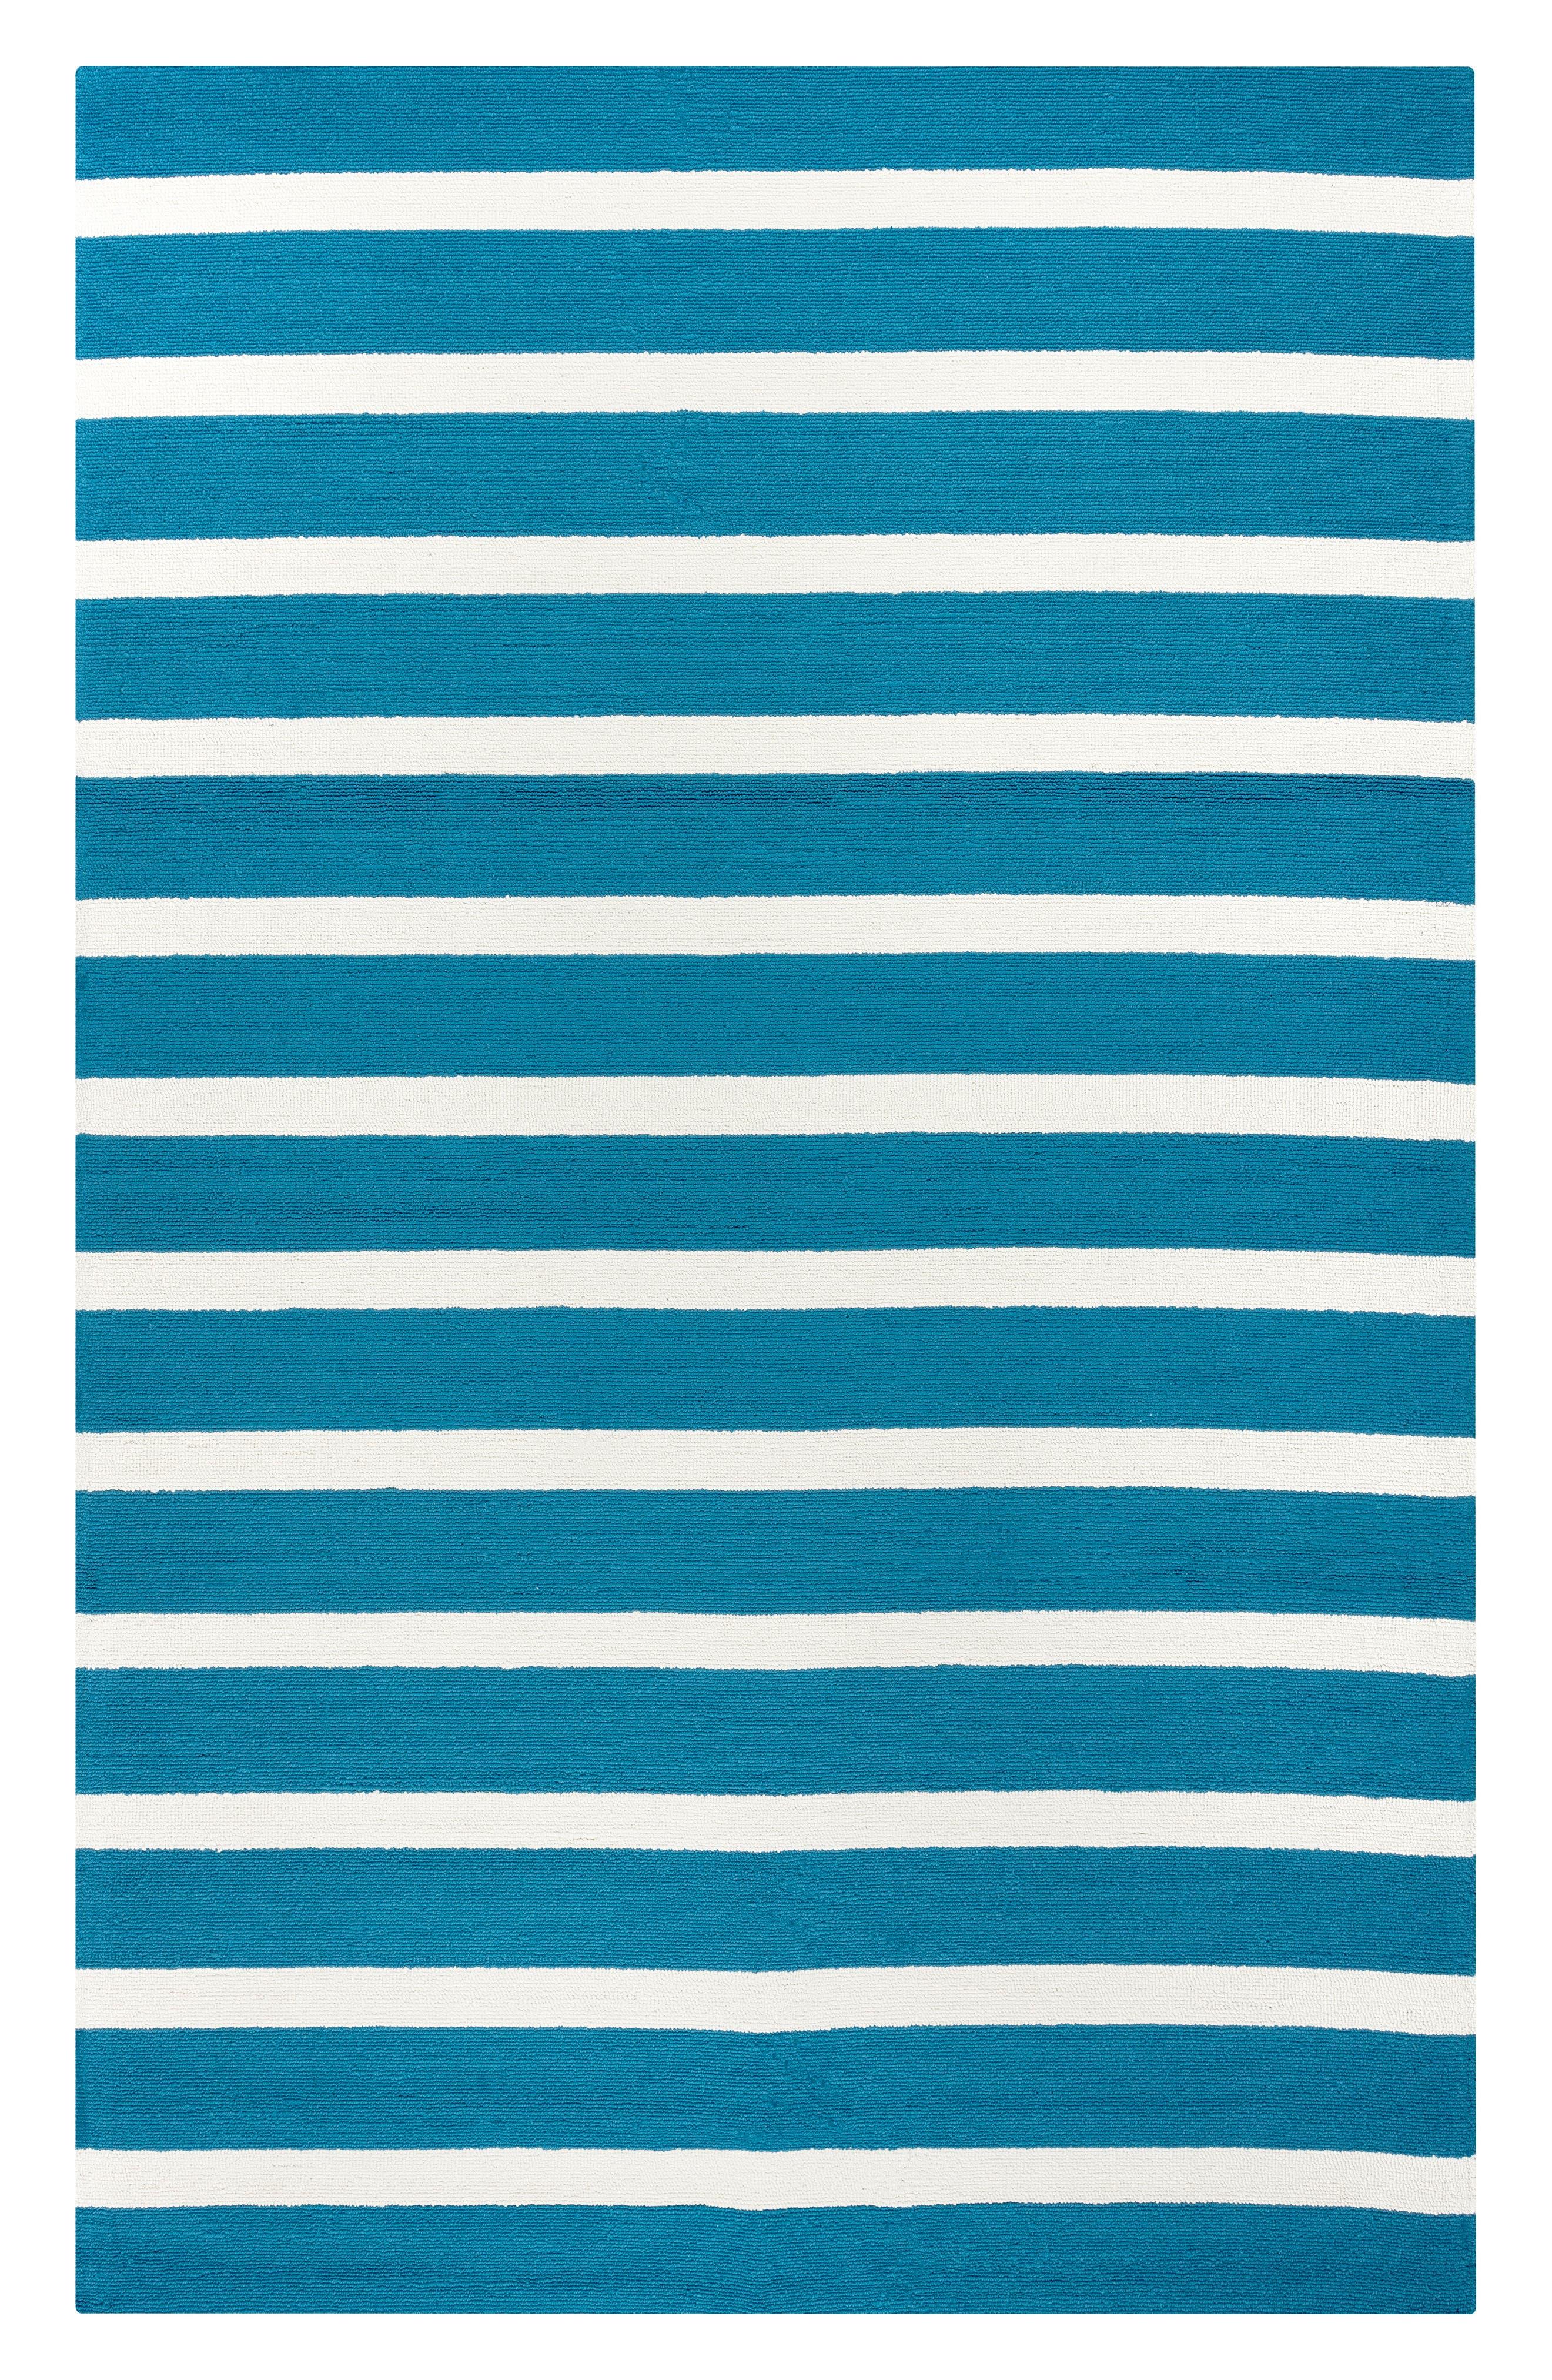 Azzura Hill Jenny Hand Tufted Rug,                         Main,                         color, Marine Blue